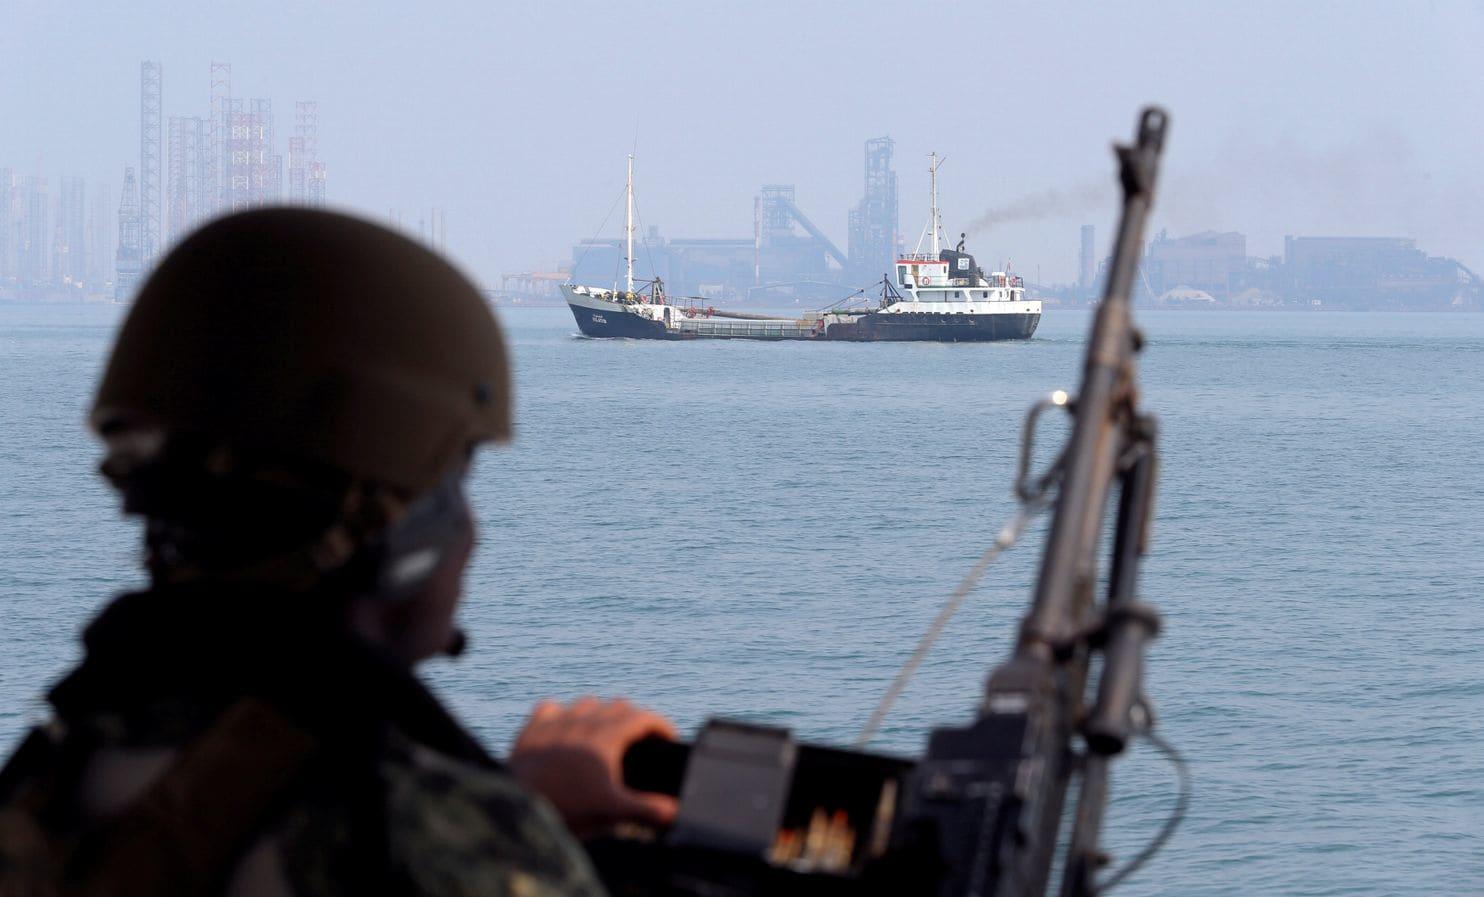 هشدار مقامات نظامی آمریکا: توان نظامیمان برای مقابله با ایران کم شده است